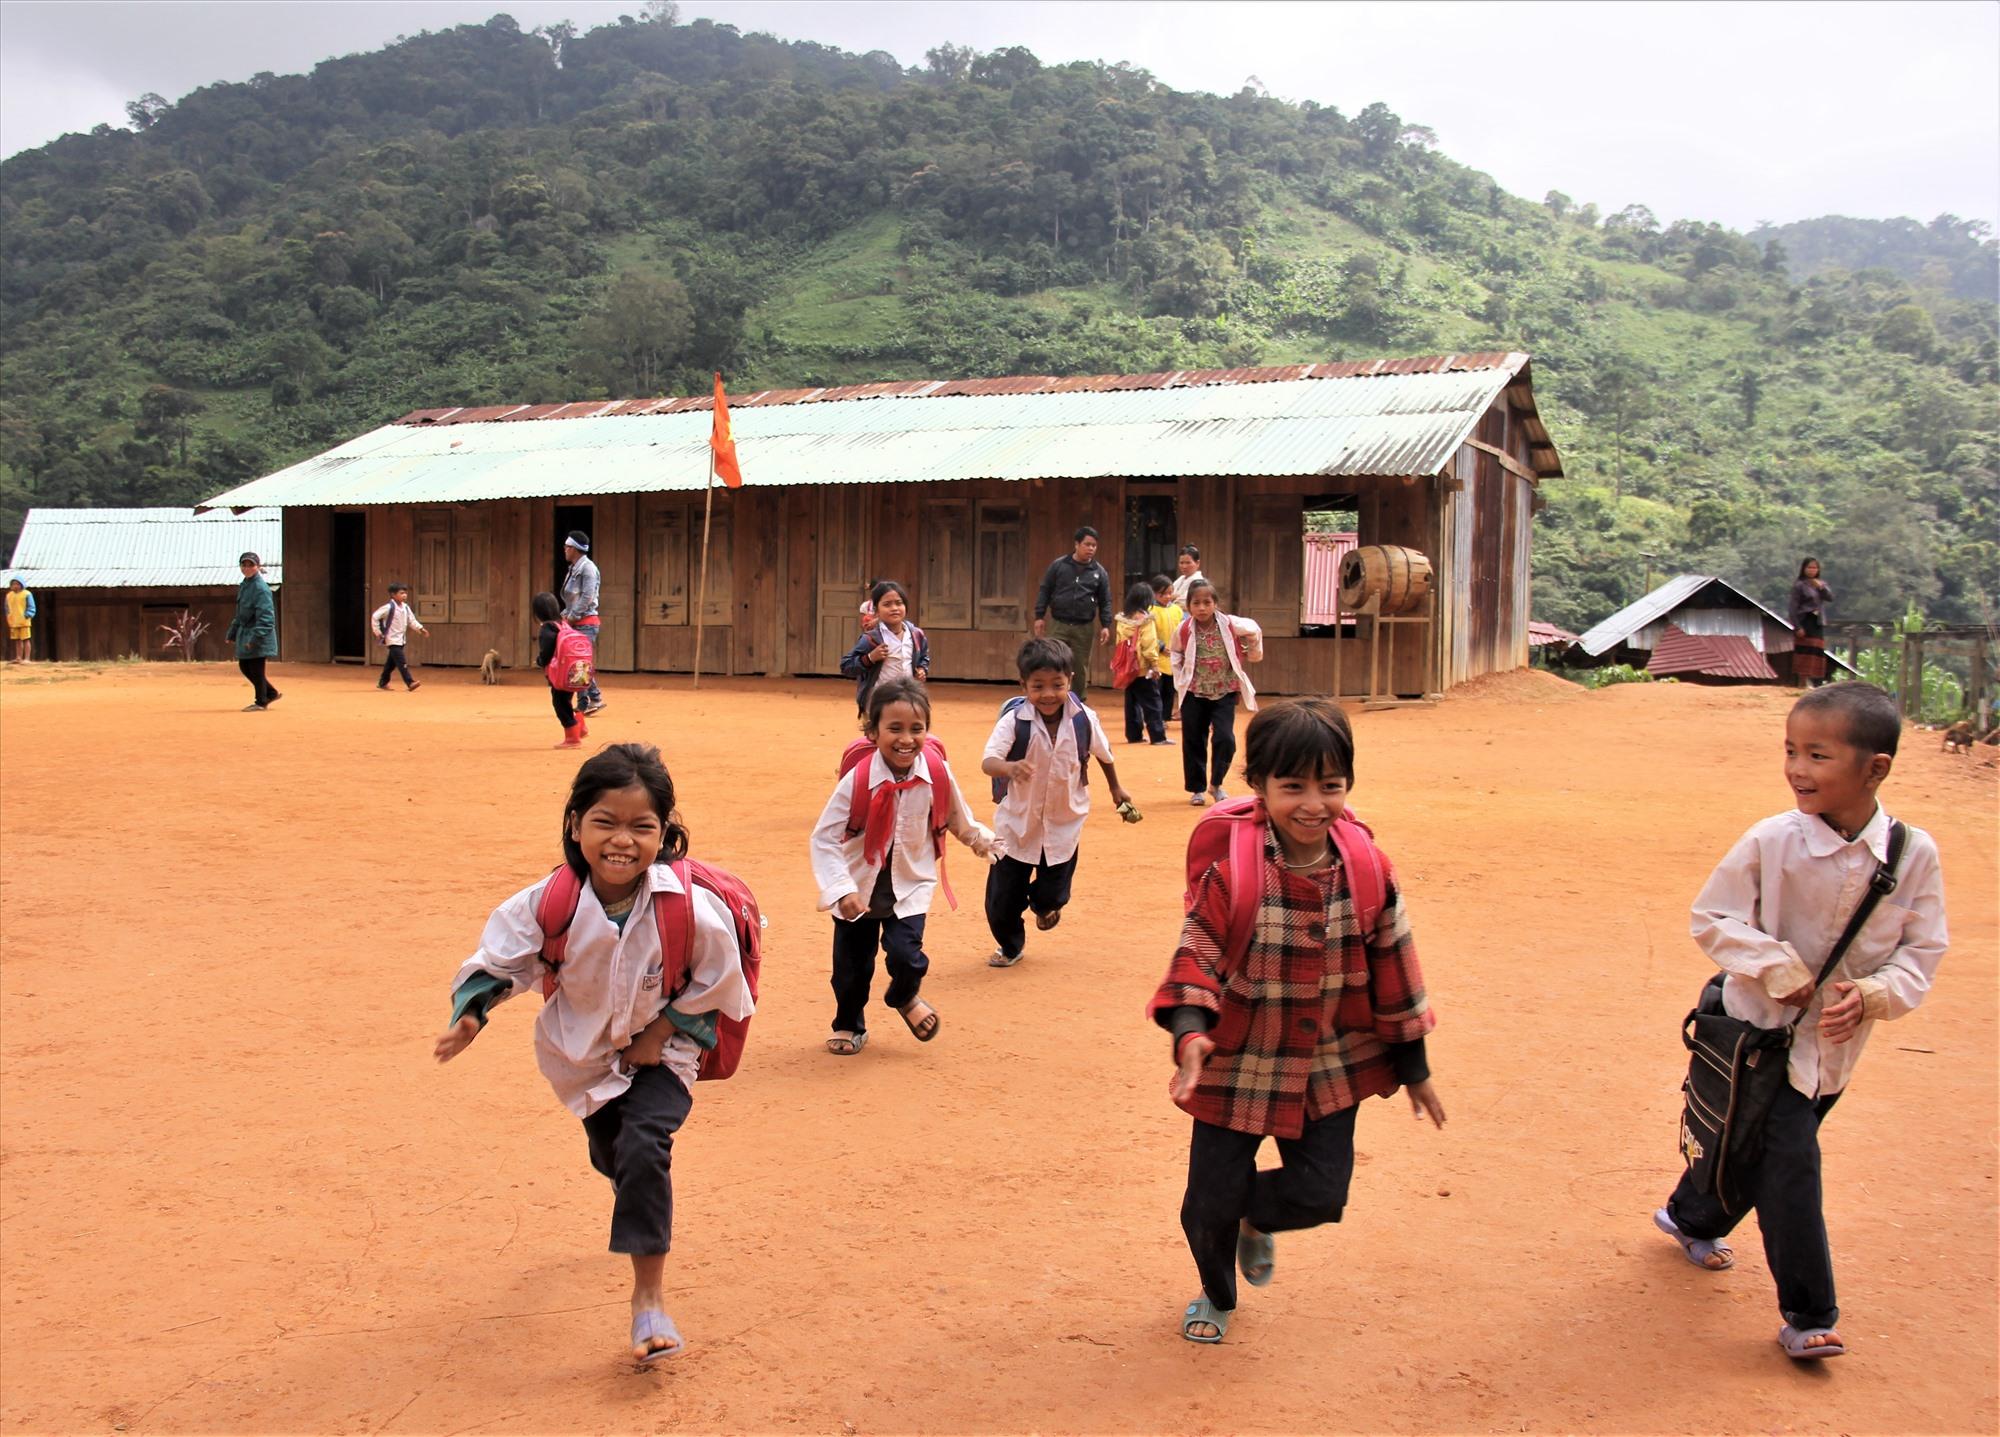 Những đứa trẻ ùa chạy về nhà sau kết thúc buổi học, dù phía trước, đường trở về đầy hiểm nguy.